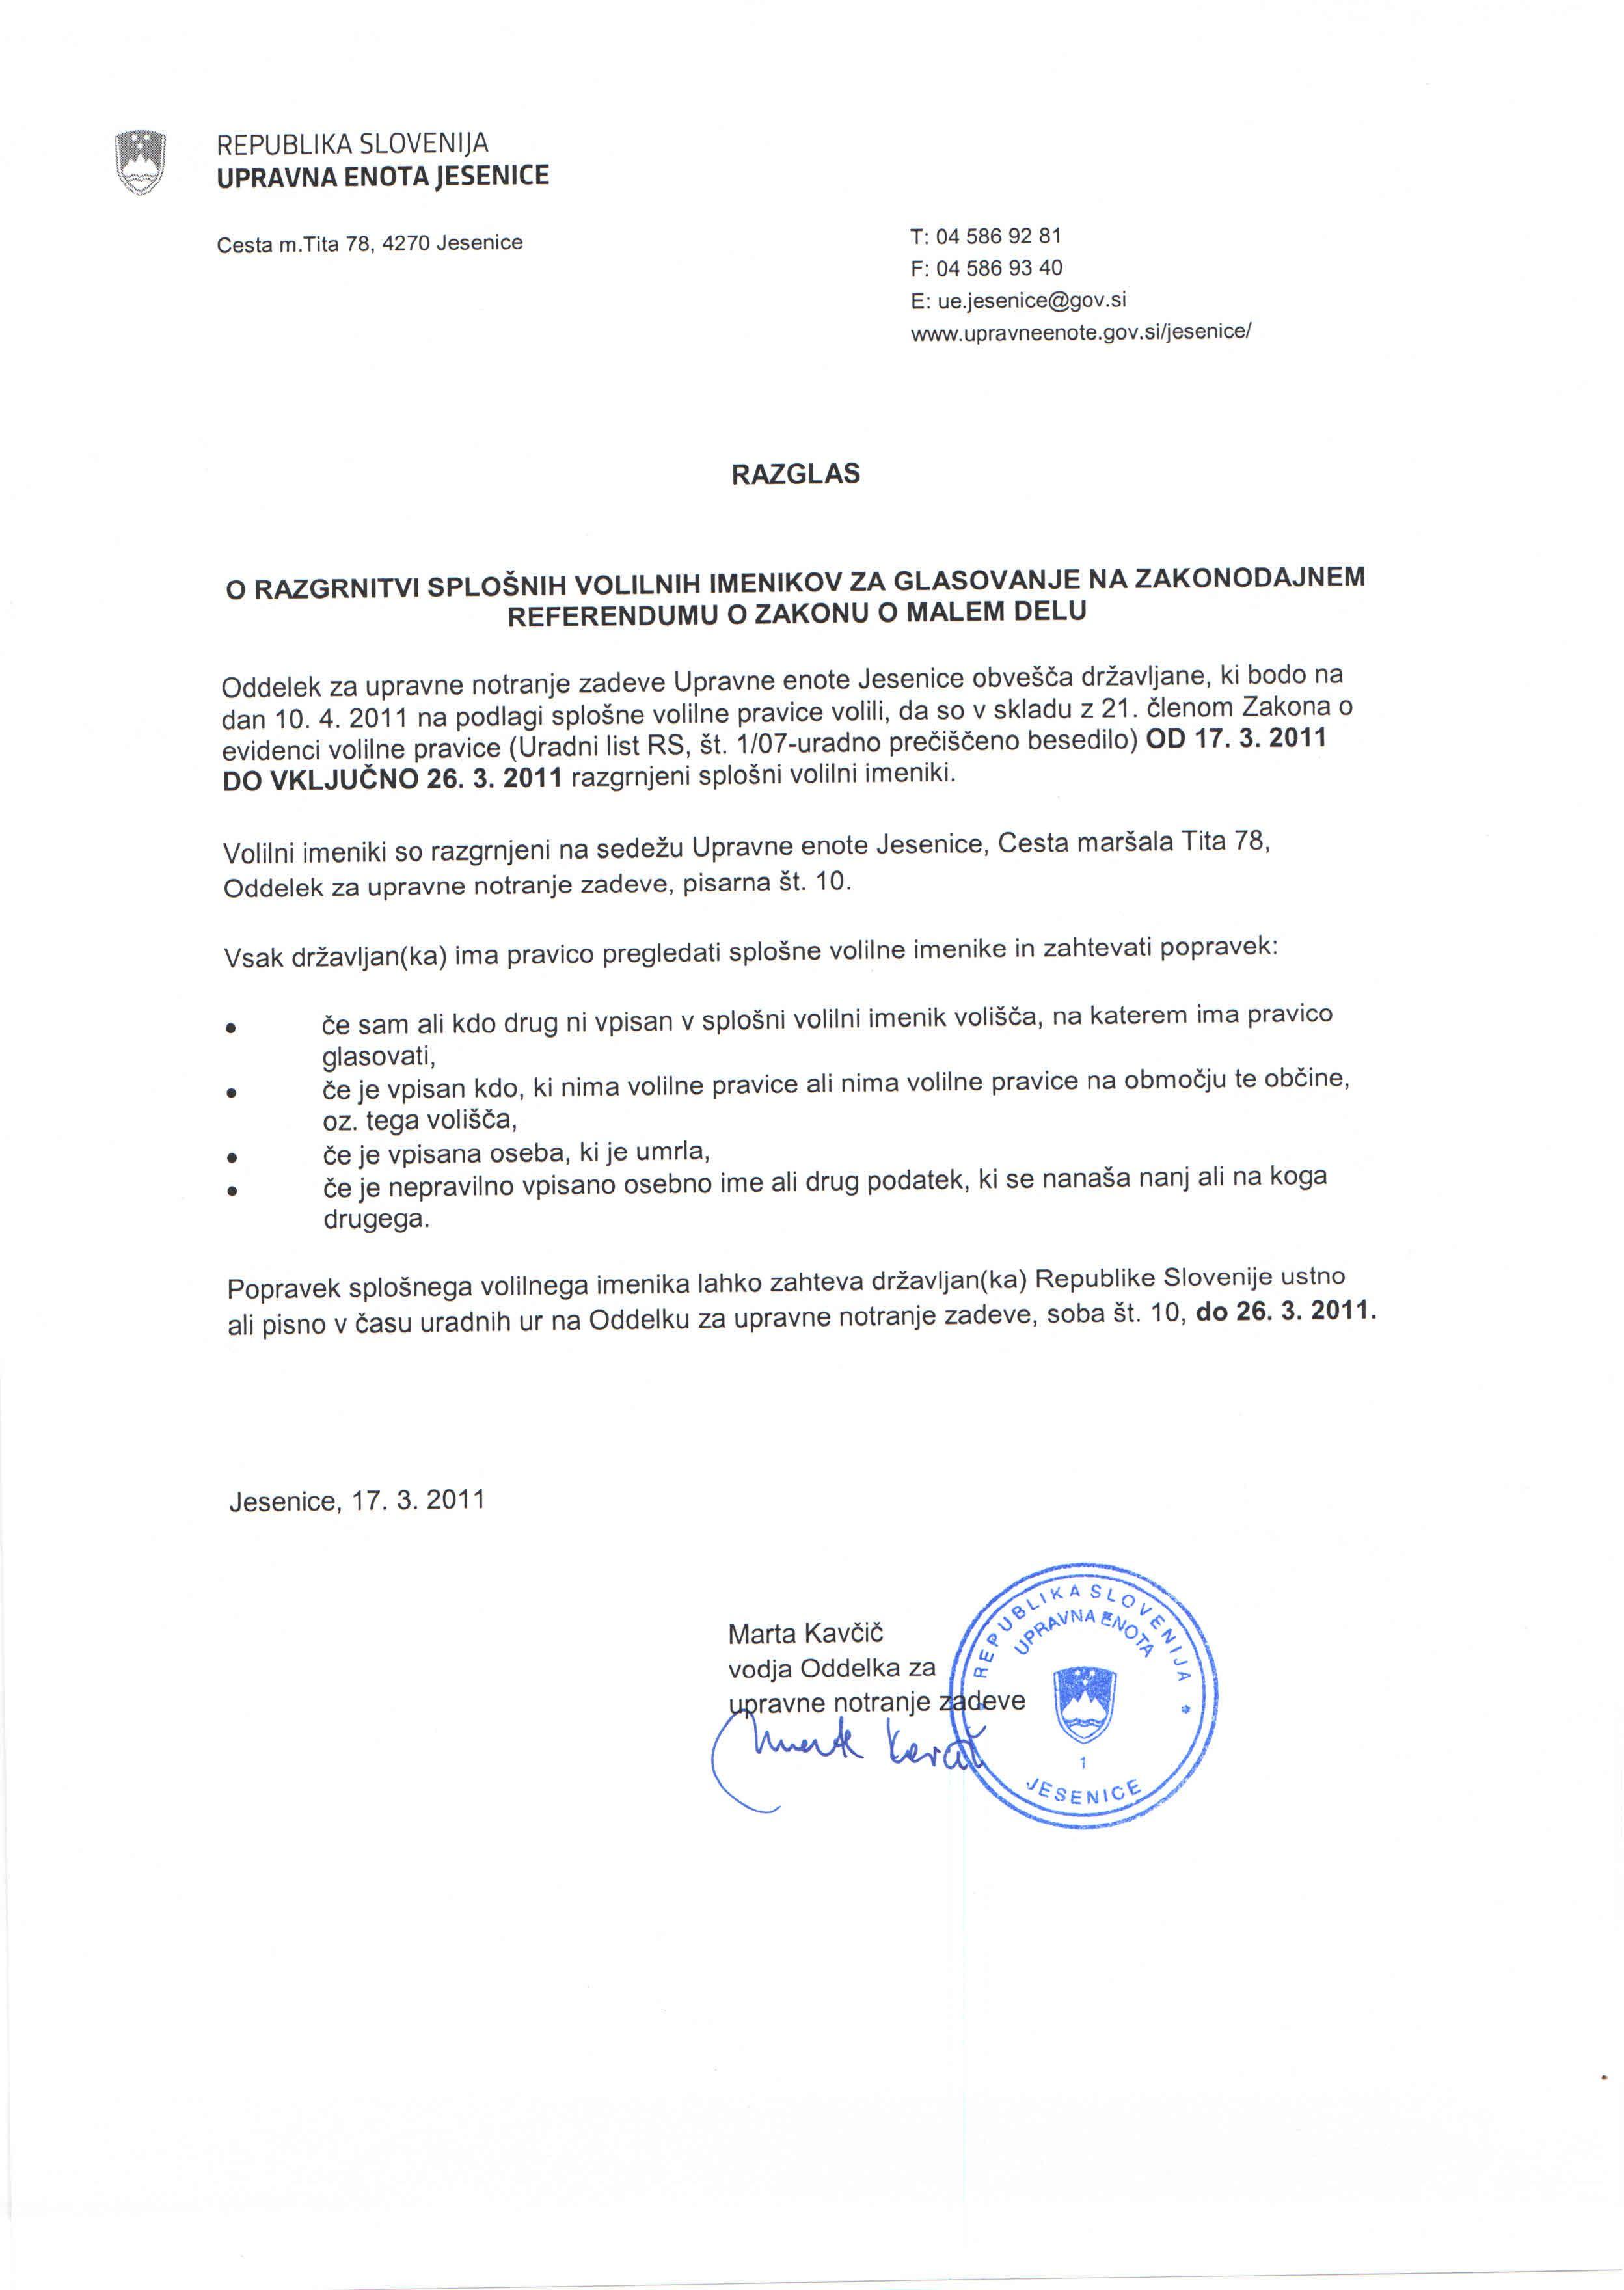 razglas o razgrnitvi splonih volilnih imenikov za glasovanje na zakonodajnem referendumu o Zakonu o malem delu